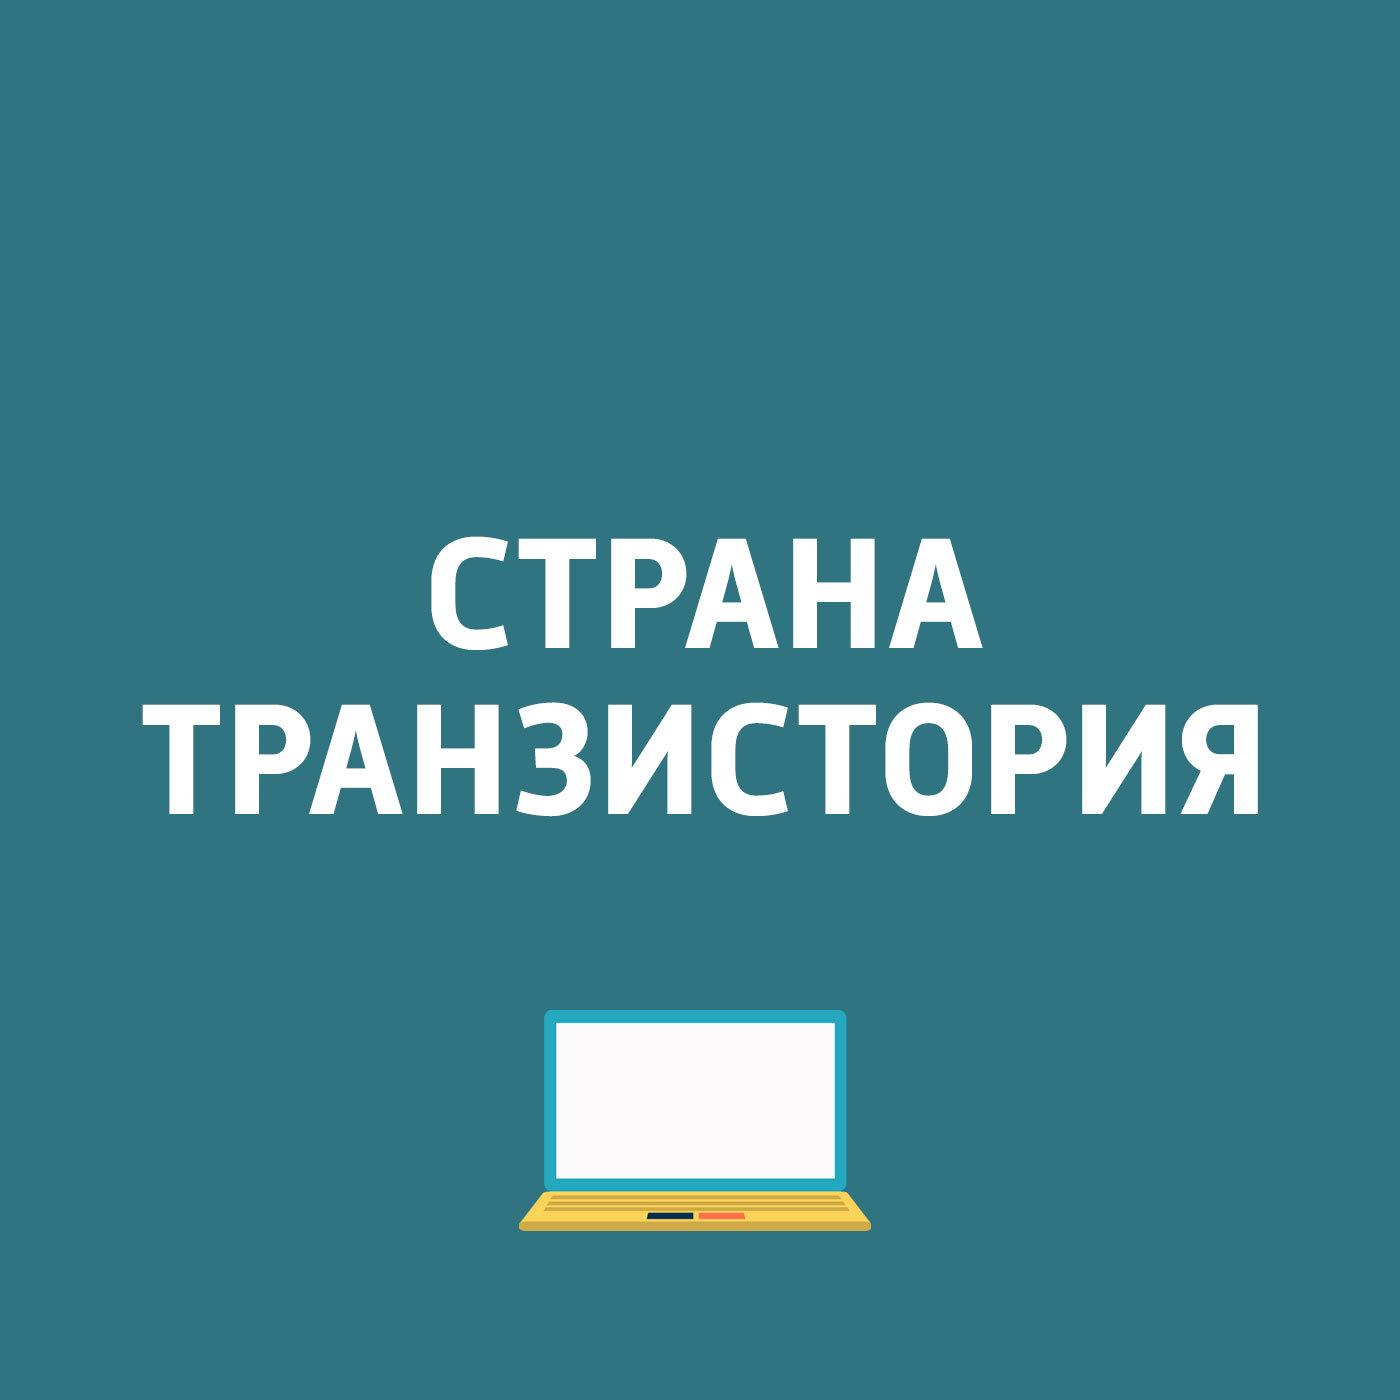 Картаев Павел Выставка Computex 2018; Американские подростки отказываются от Фейсбука; Дрон «Почты России; Новая игра Fallout 7